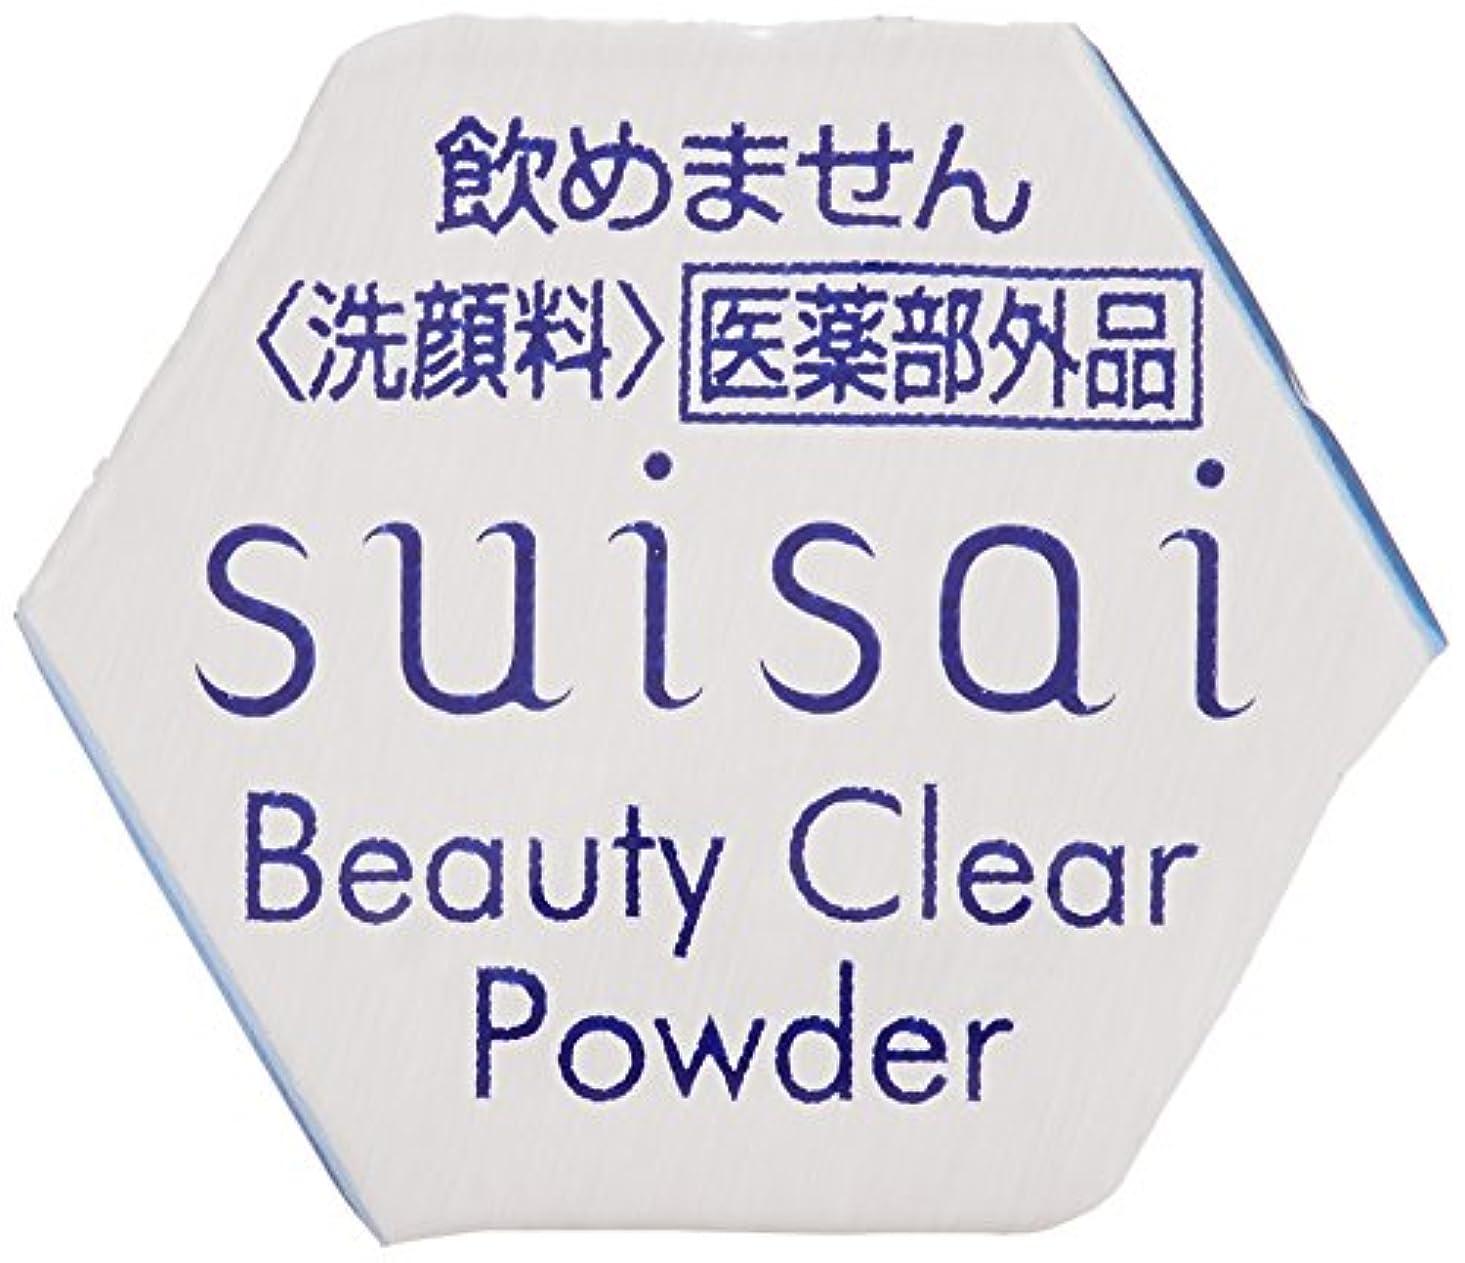 コインランドリーブルジョンホストsuisai ビューティ クリアパウダーa 0.4gx32個 洗顔料 アウトレット